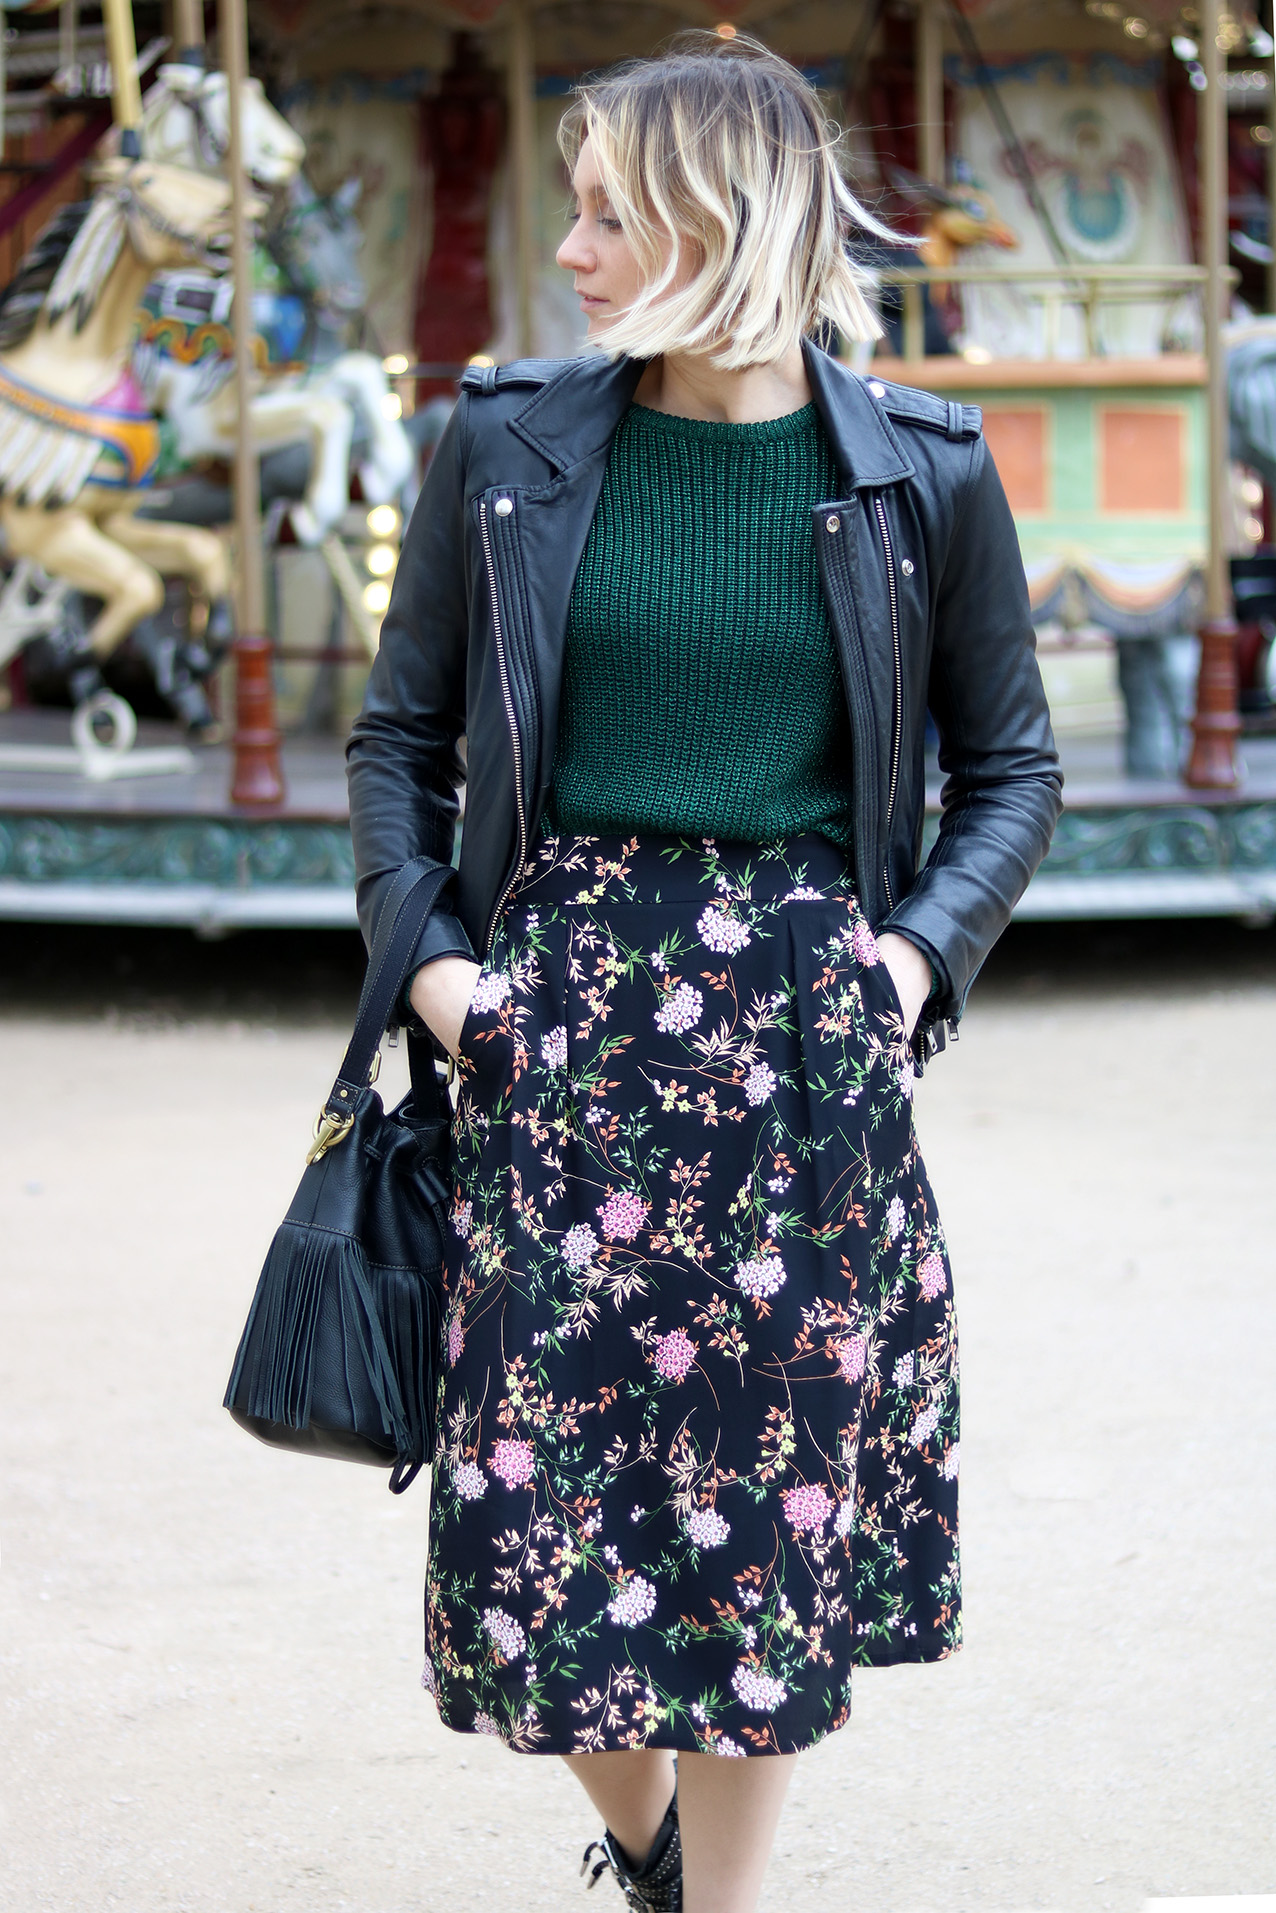 comment-porter-la-jupe-a-fleurs